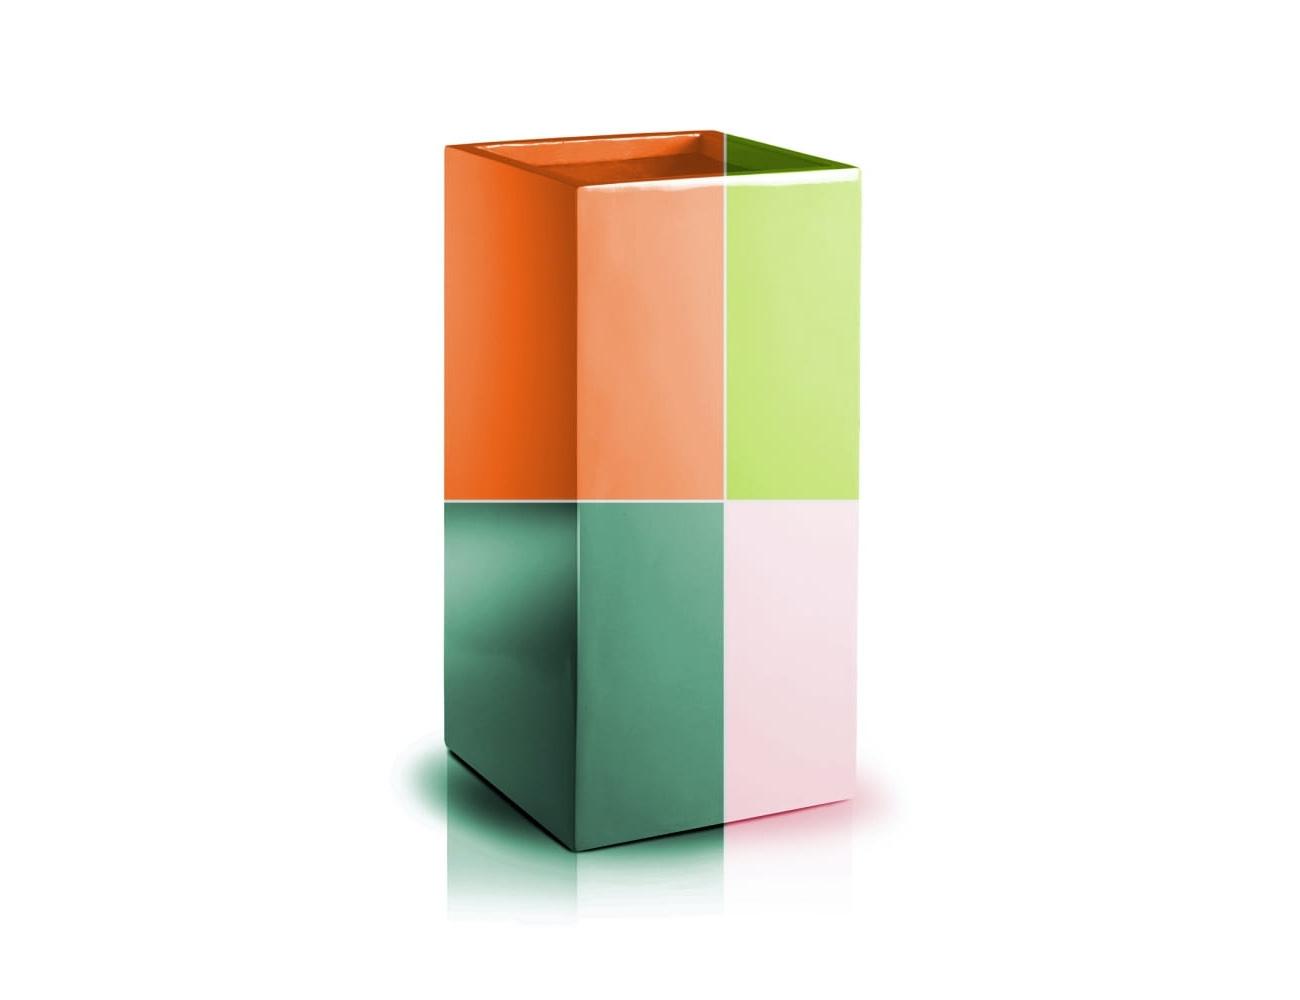 Donica Fiberglass 70x34 cm kolor na zamówienie